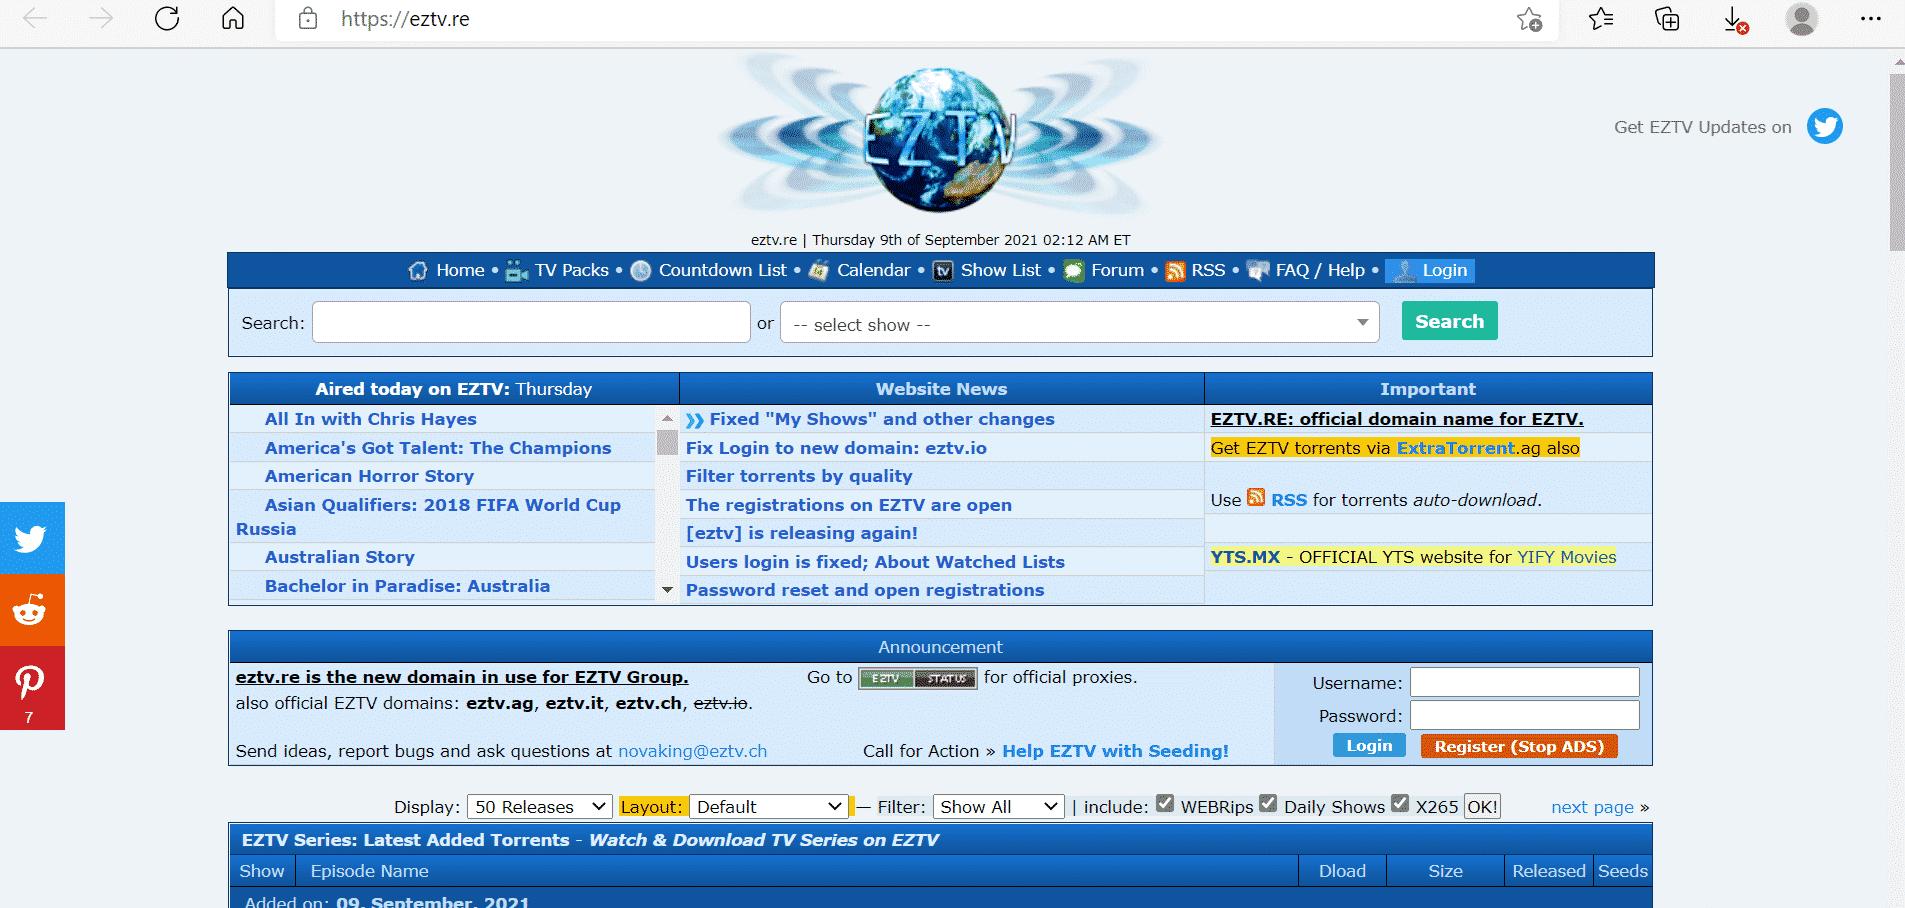 ETZV Startseite